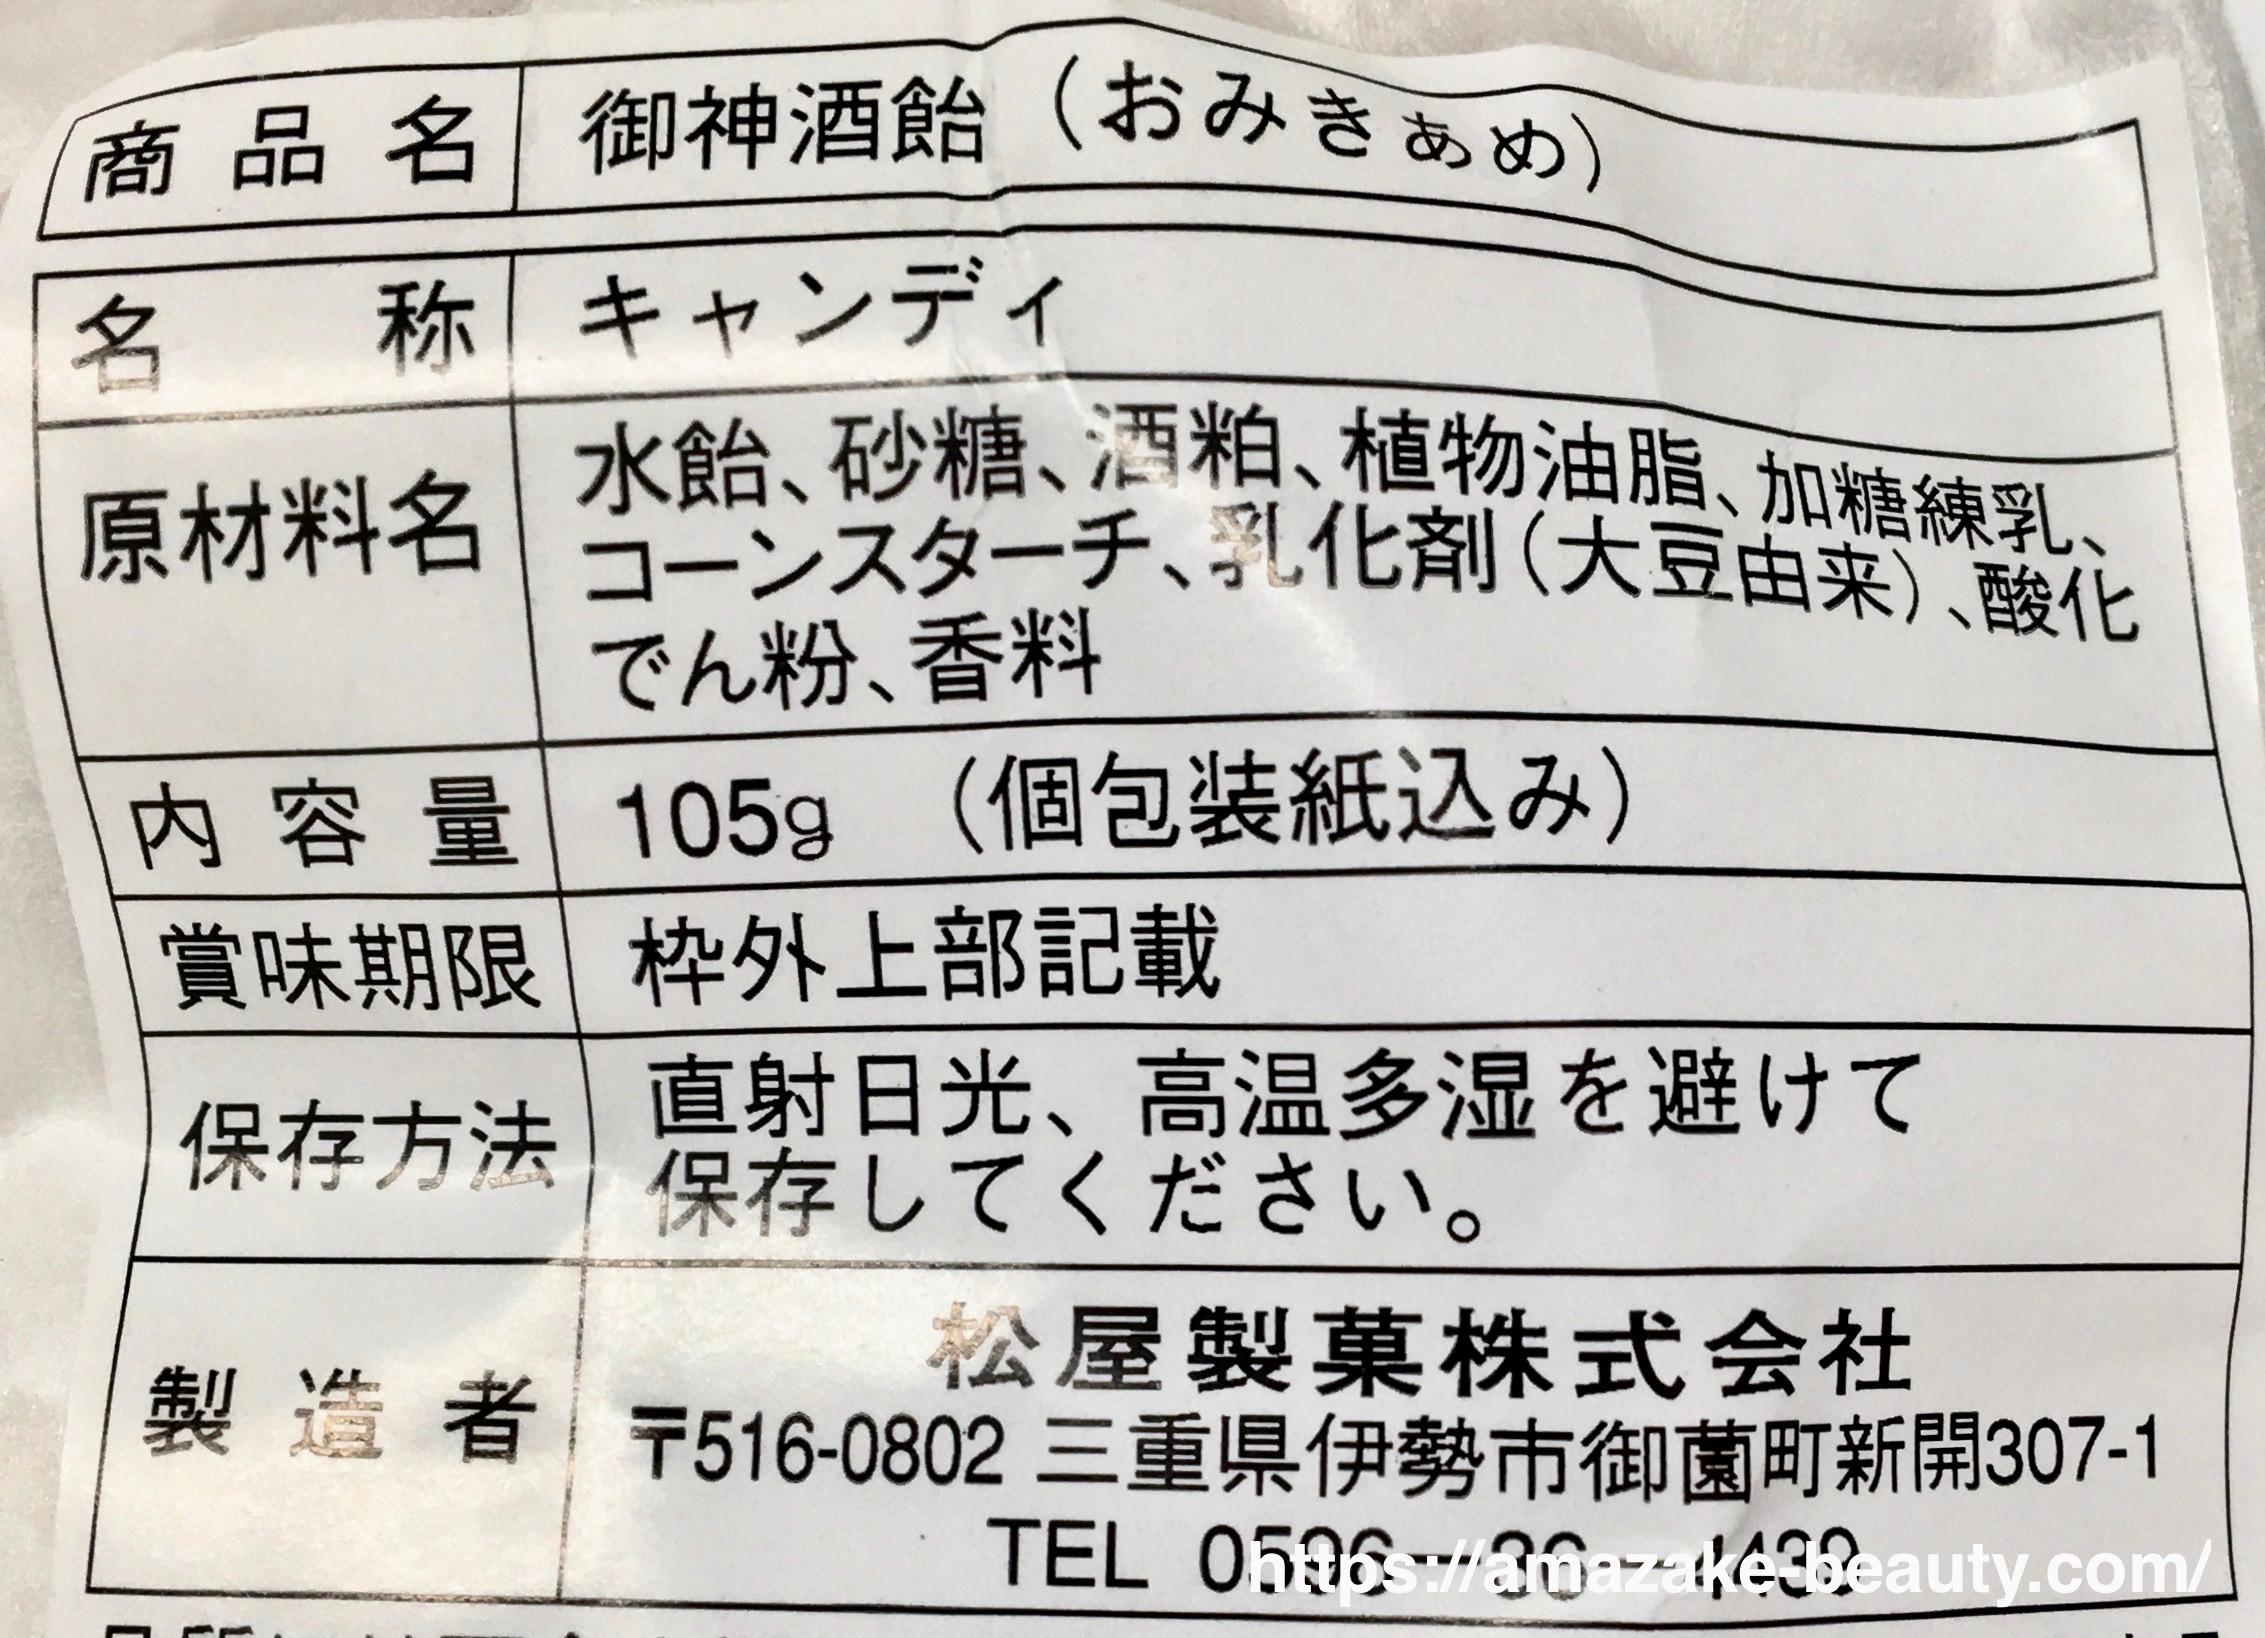 【甘酒甘味】松屋製菓『御神酒飴』(商品情報)